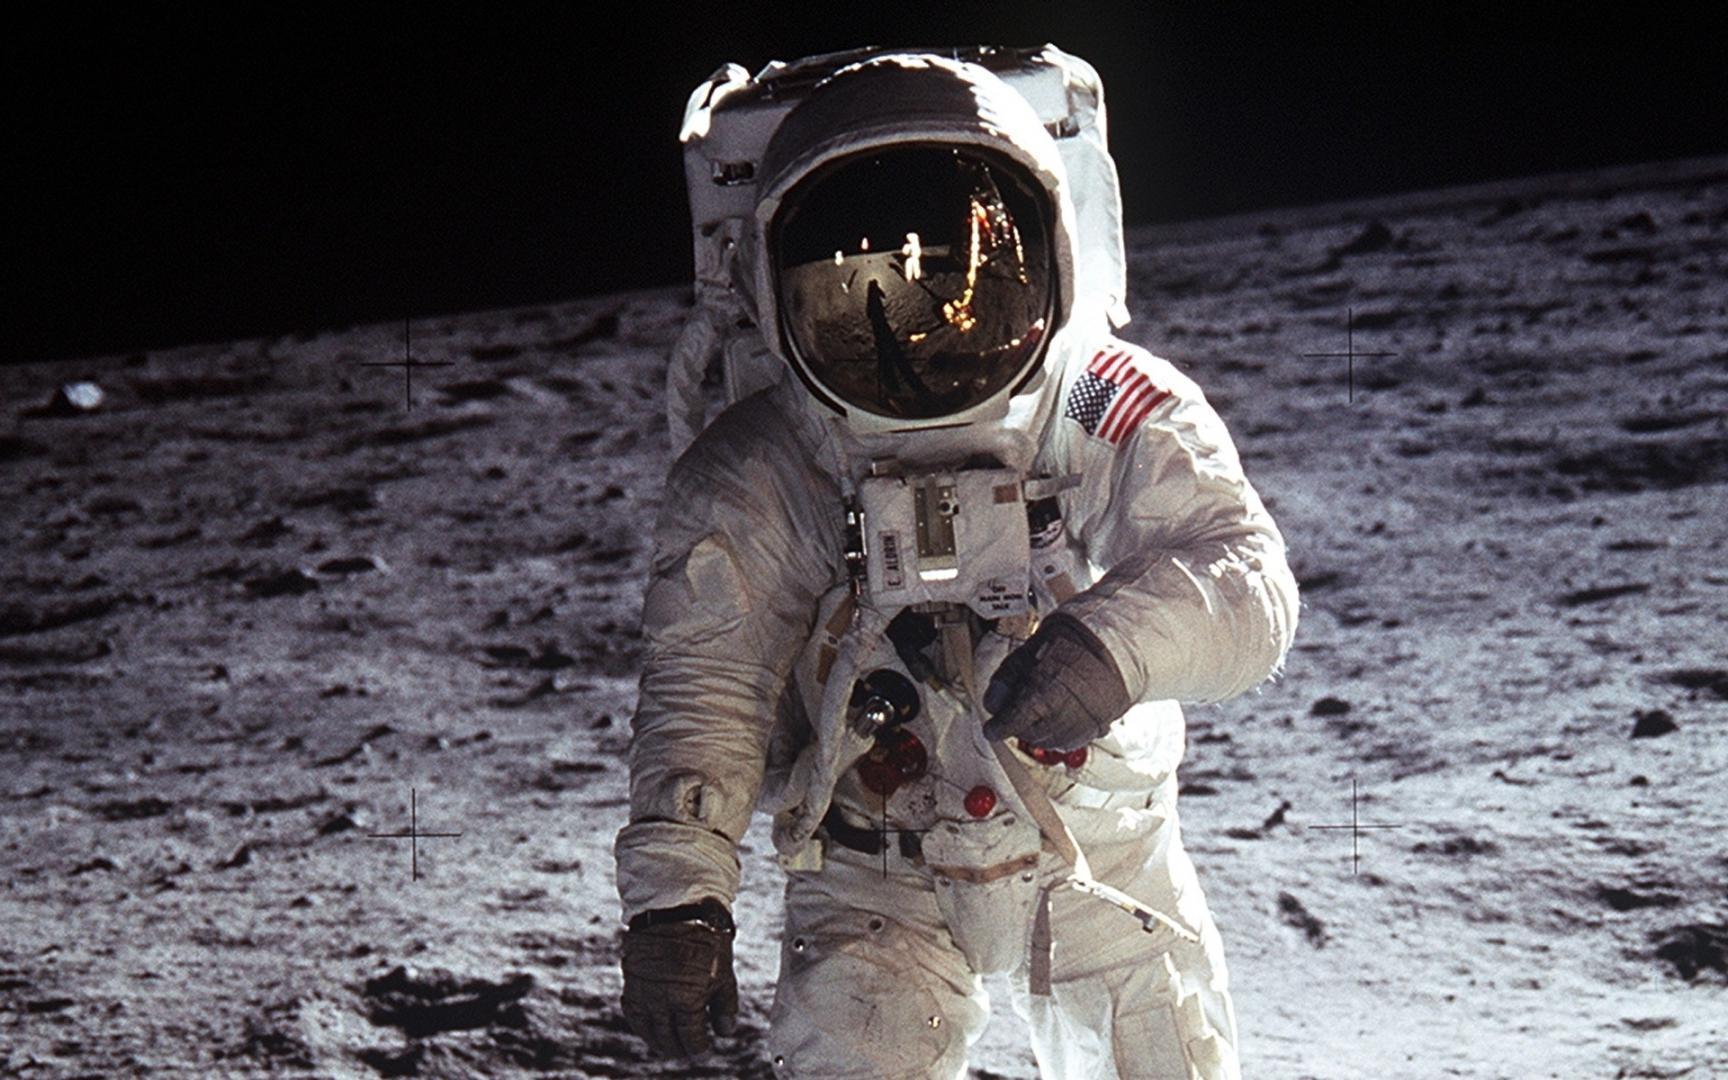 Космонавт обои full hd, луна обои для планшет, 1920 на 1200 пикселей